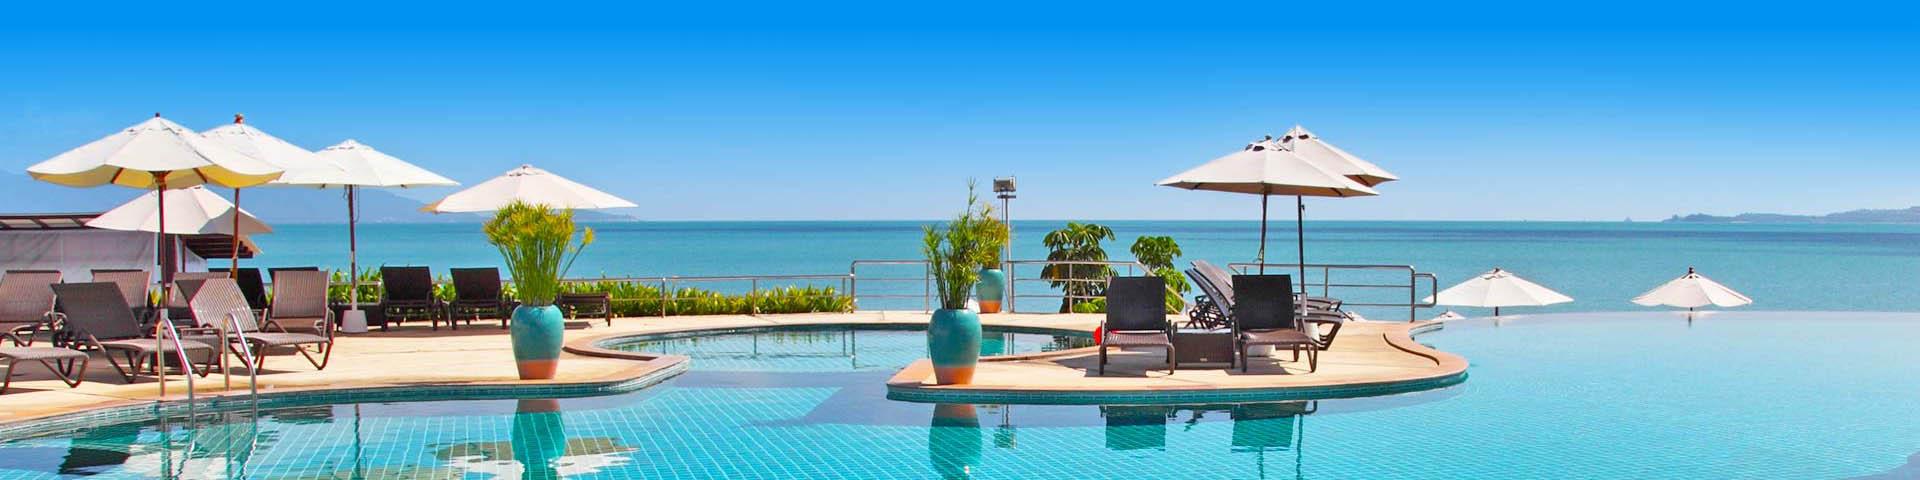 Ultra all inclusive resort